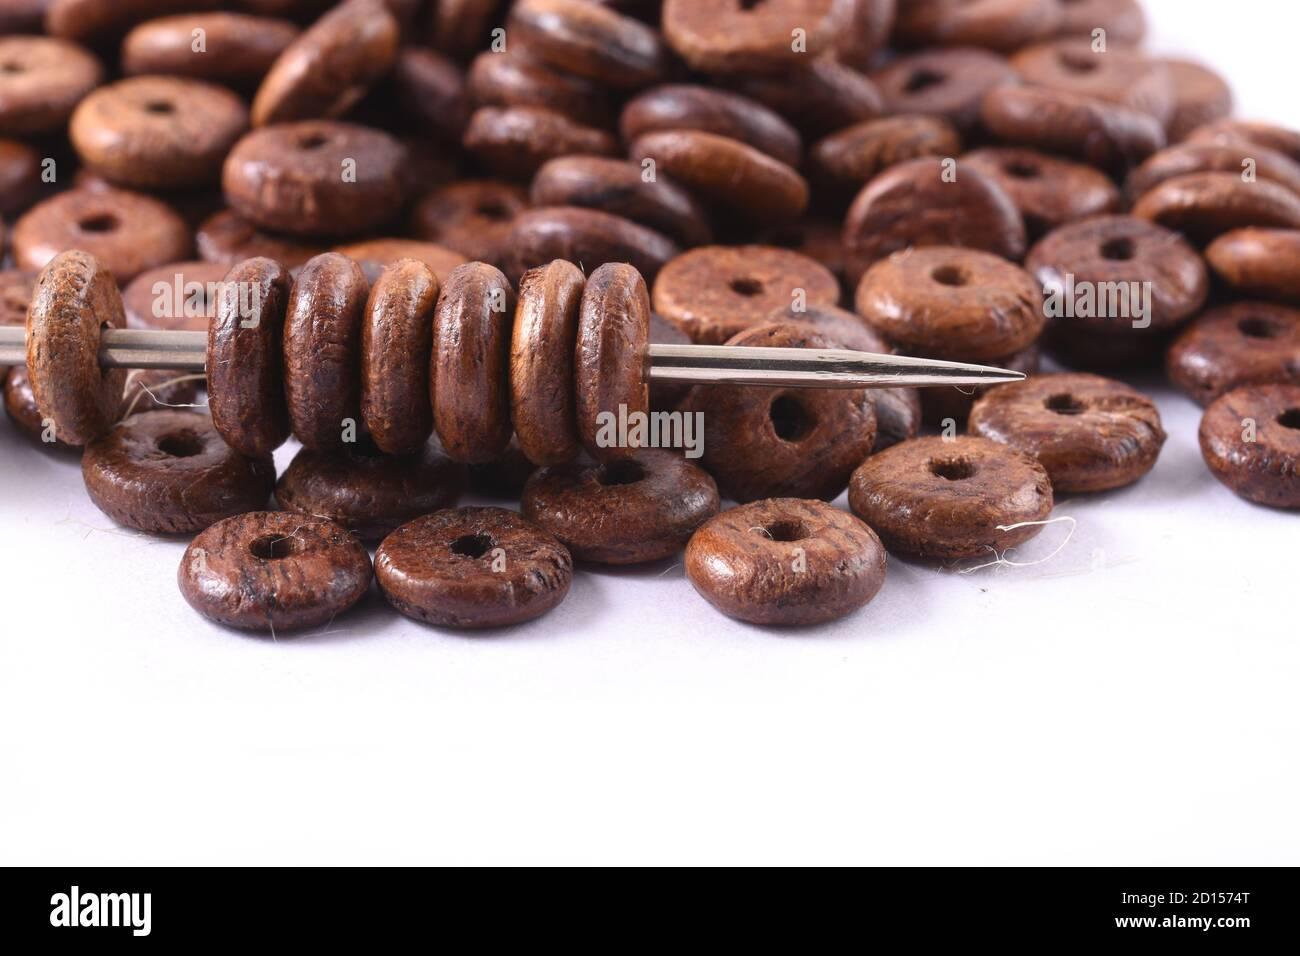 Perles de bois étalés sur fond blanc avec aiguille. Perles avec aiguille . Gros plan, macro. Banque D'Images